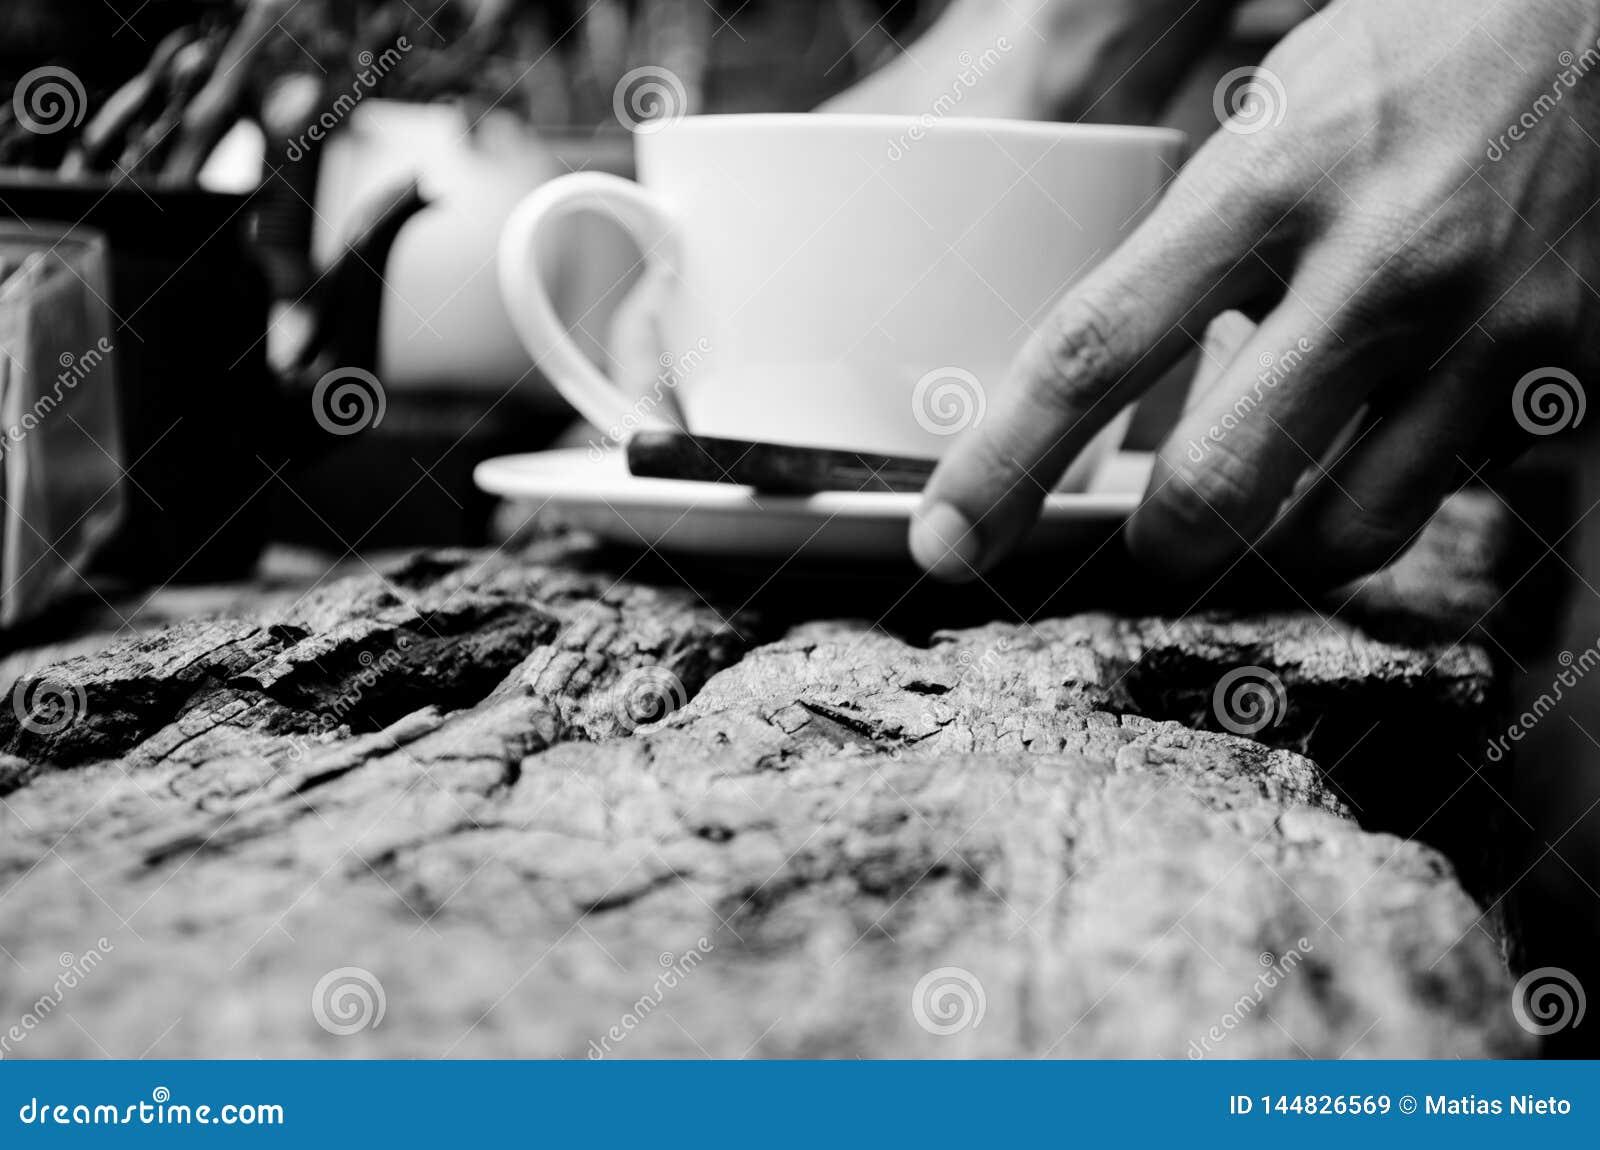 Servindo o copo do ch?/caf? com espa?o da c?pia para o uso comercial ou o algum fraseio